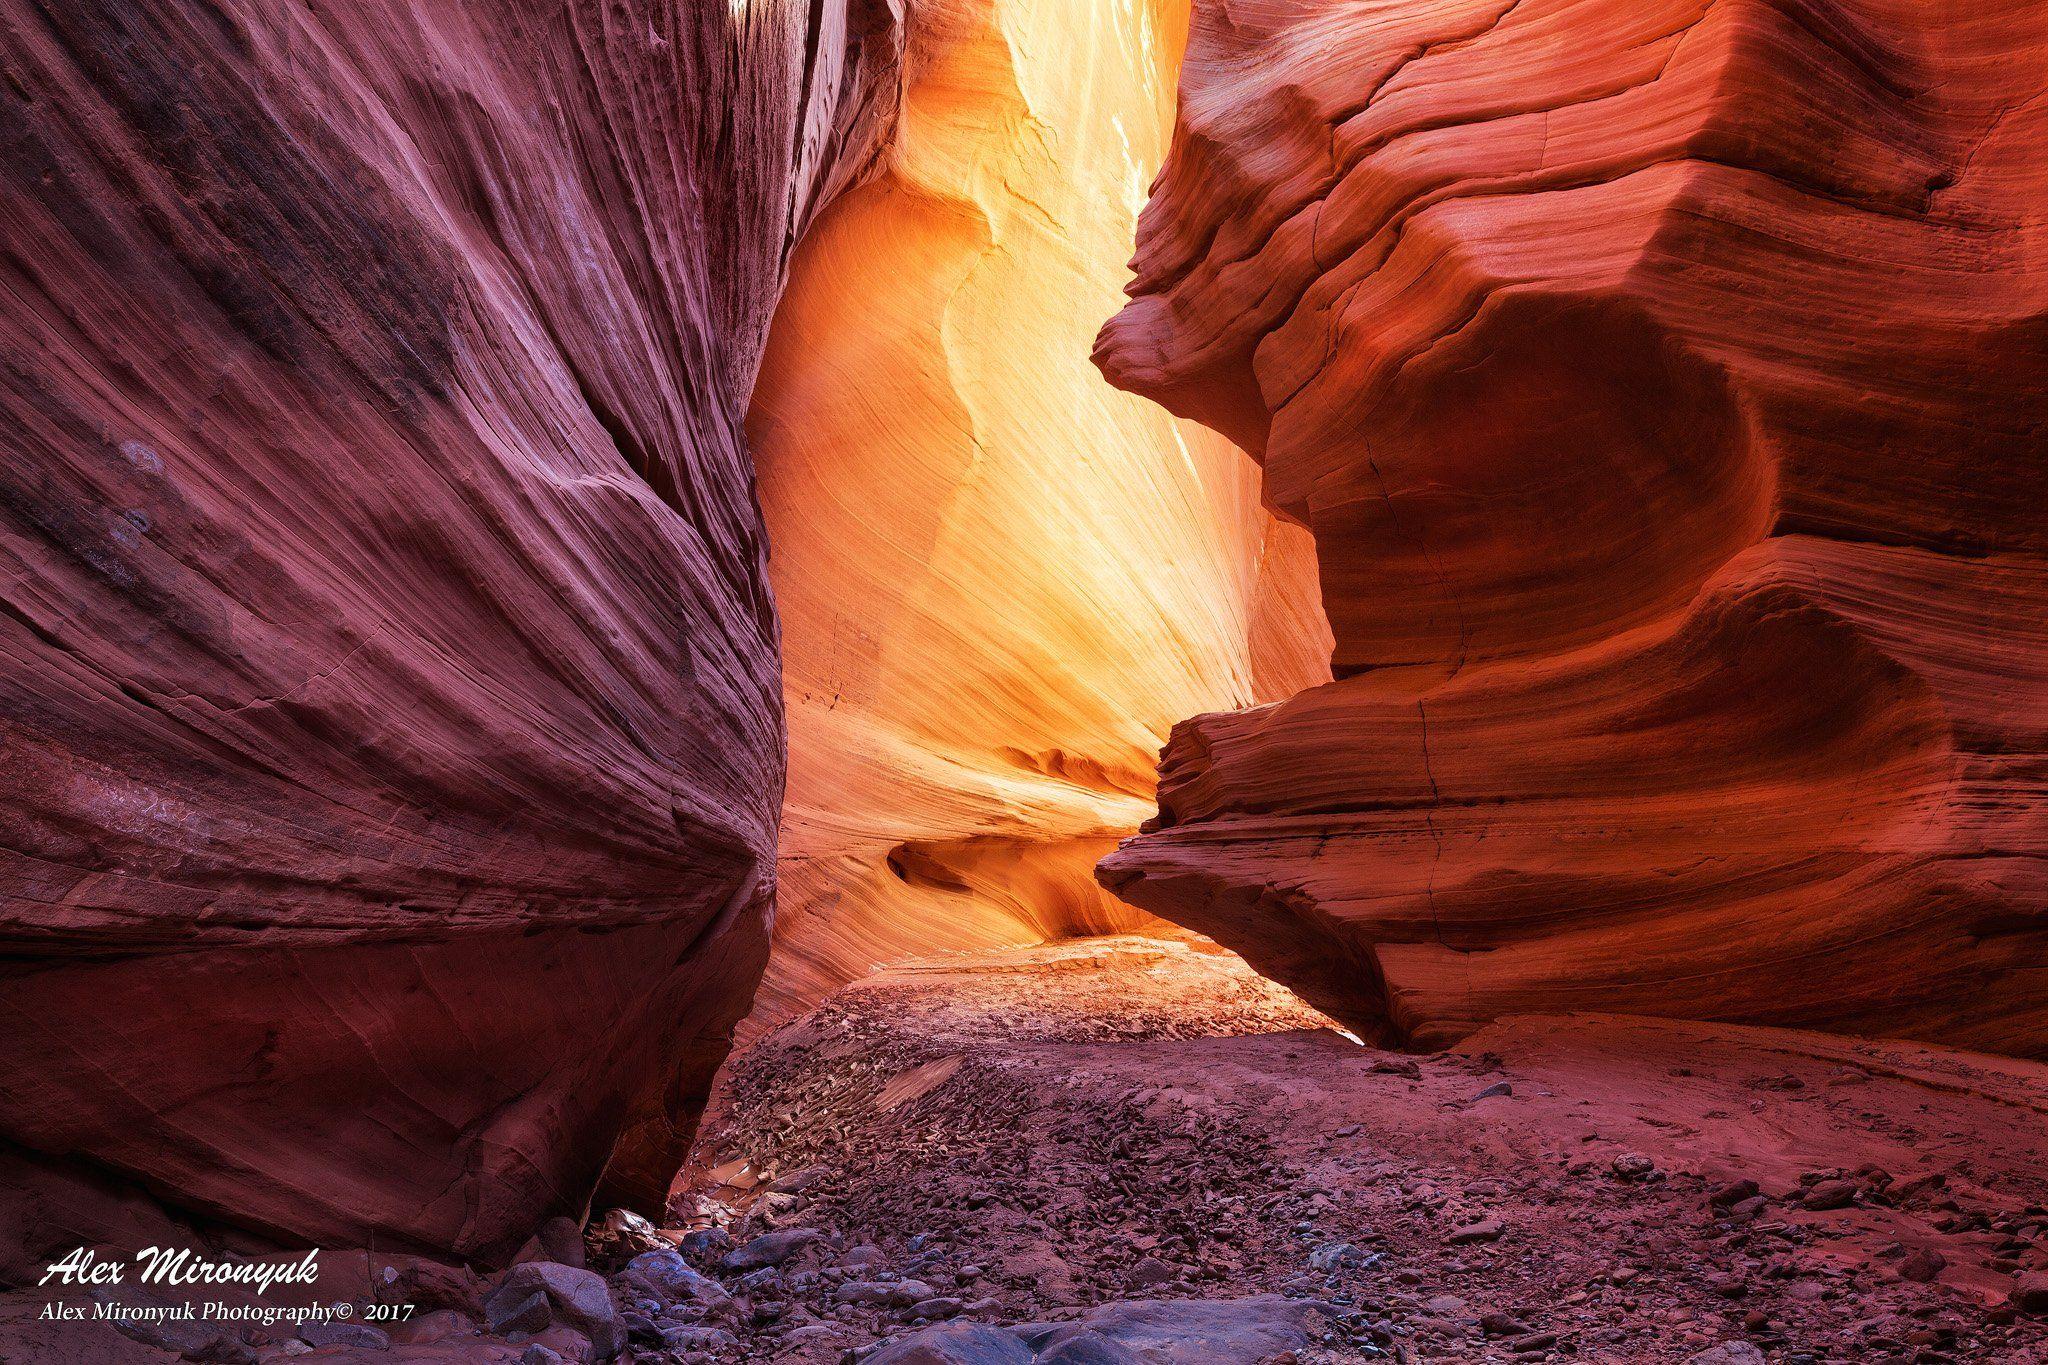 каньон, США, Юта, Аризона, юго-запад, путешествие, абстракция, пейзаж, свет, волны, лабиринт, пустыня, песчаник, геология, чудо, приключение, Alex Mironyuk